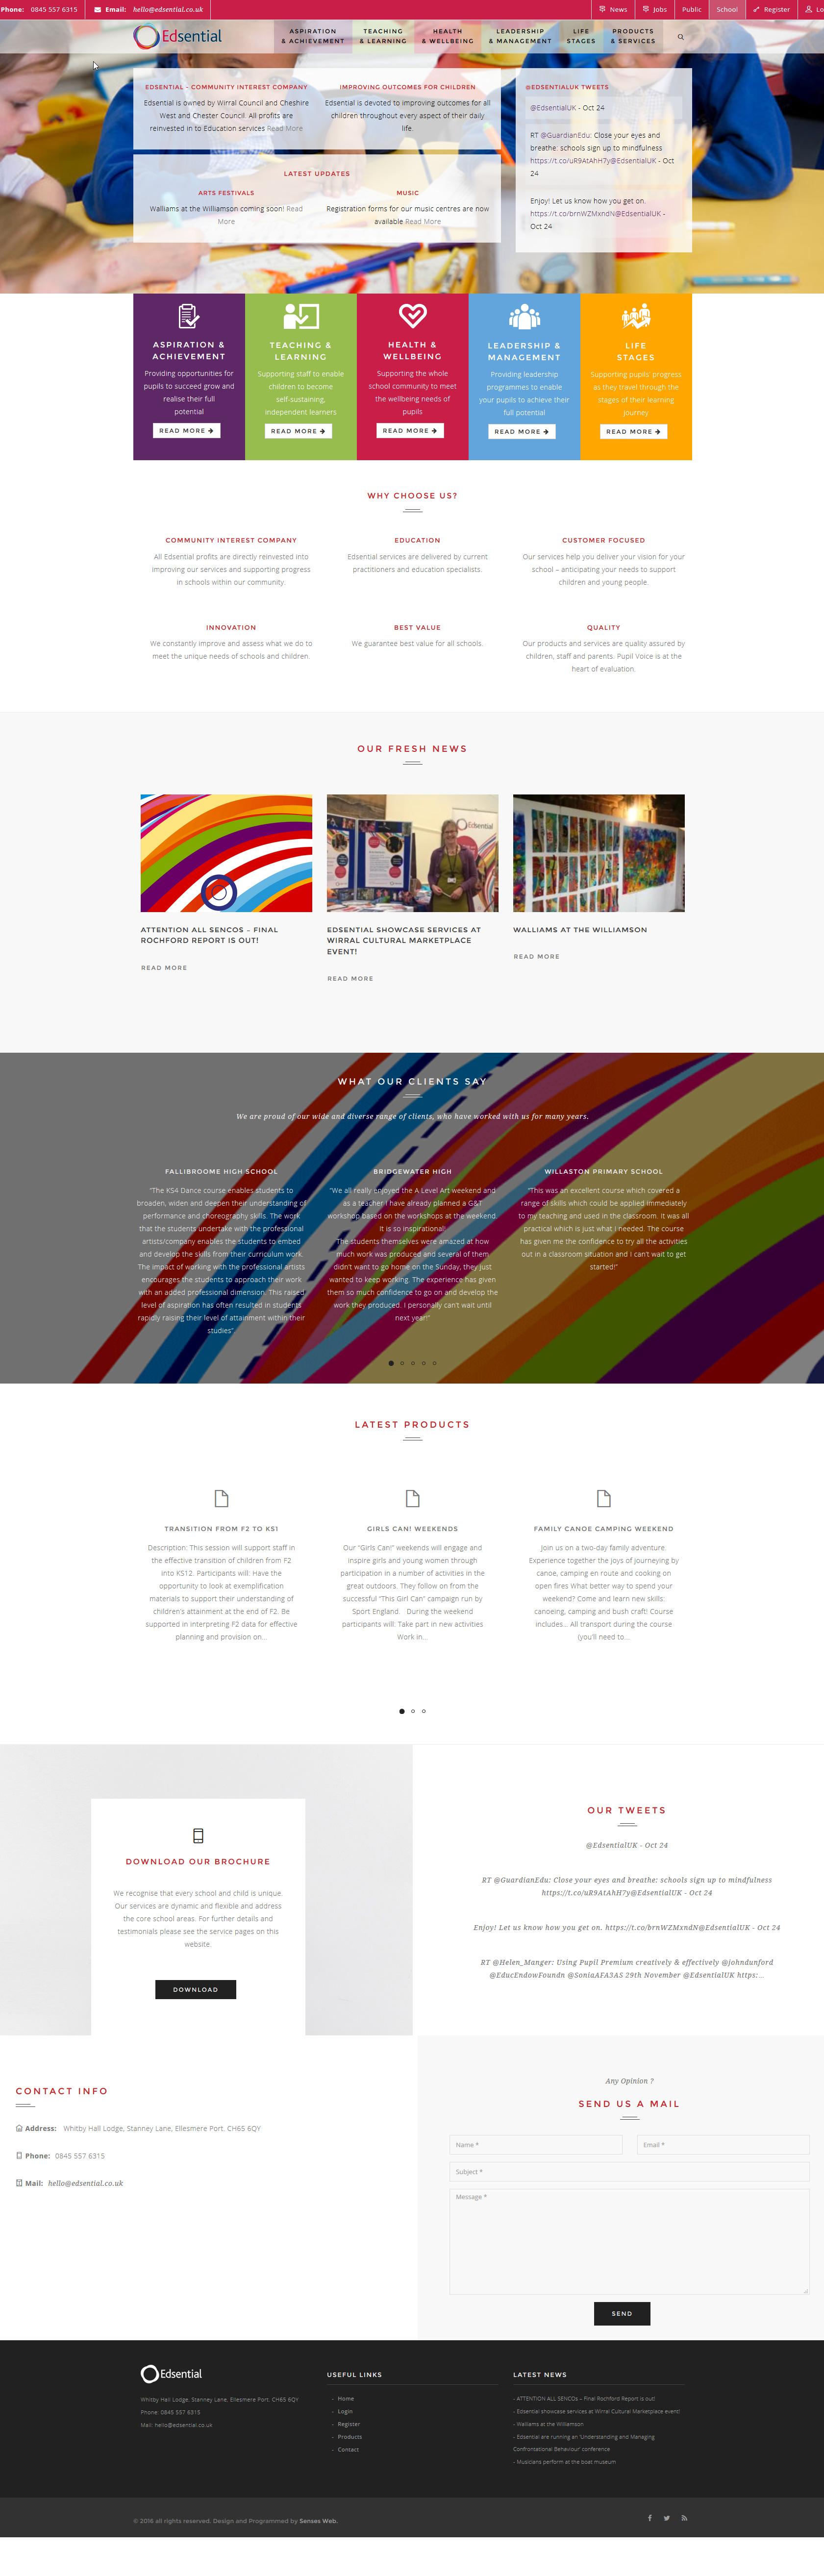 Edsential Homepage